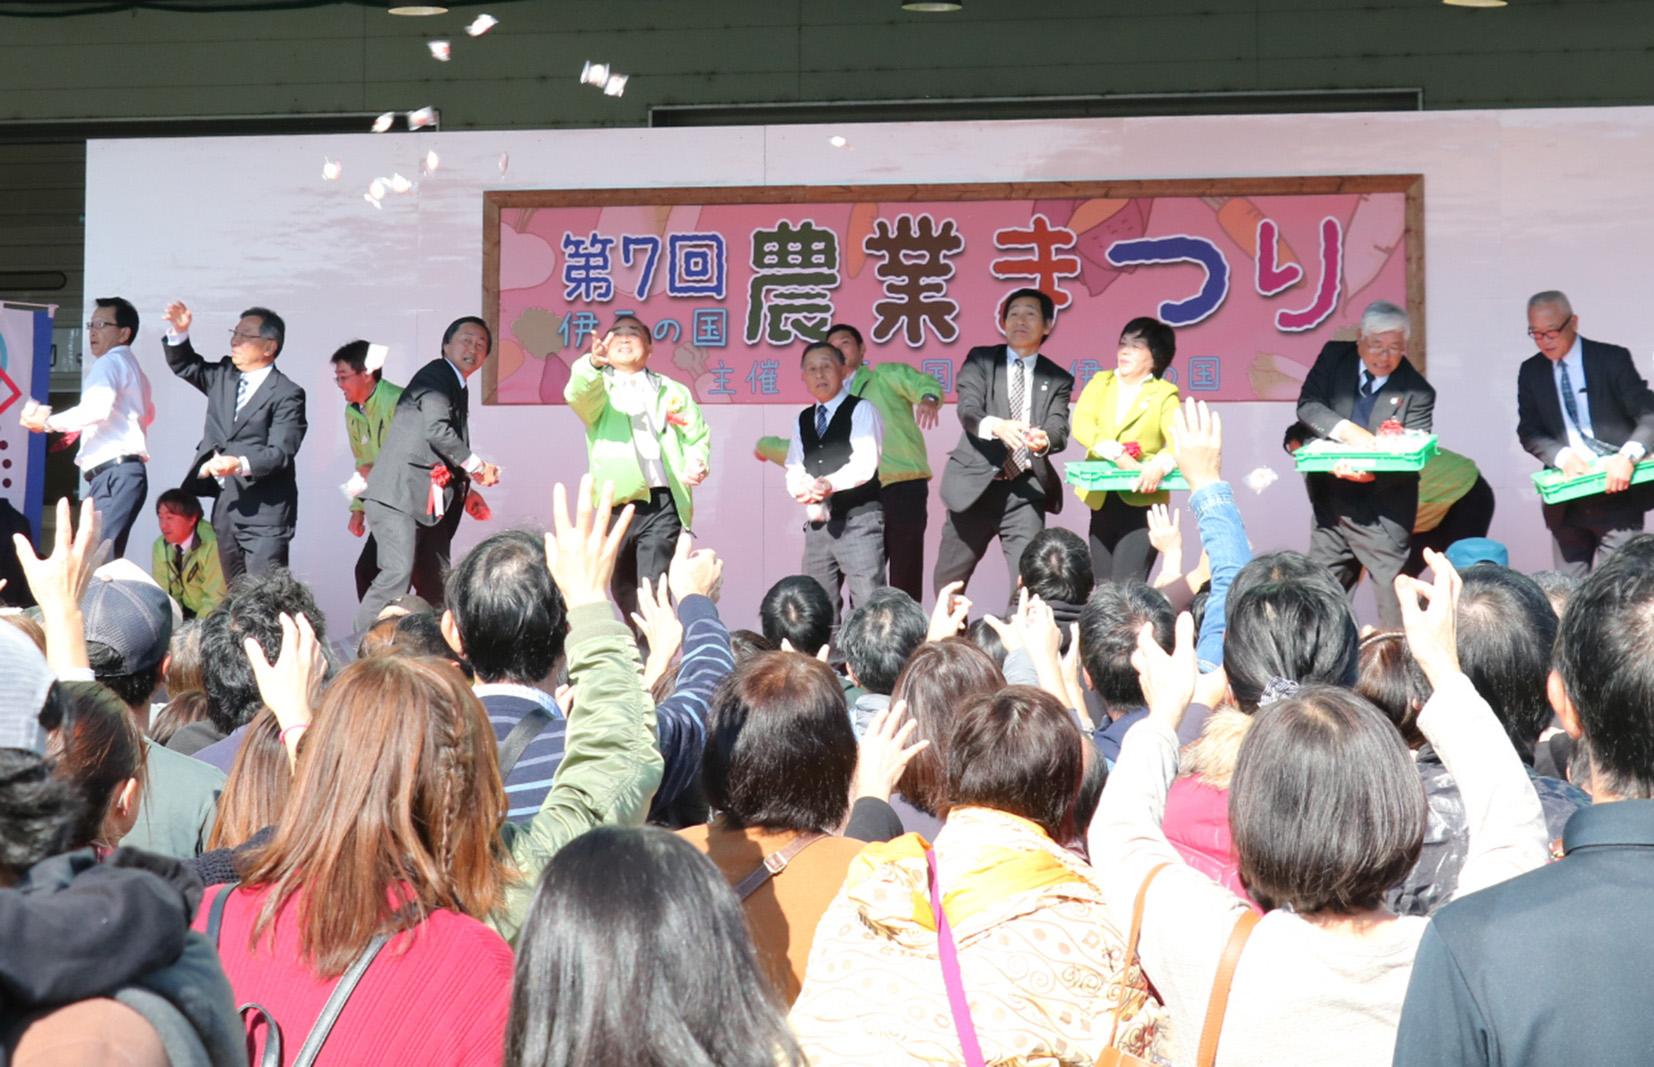 JAまつり 韮山会場(伊豆の国農業まつりと合同開催)の写真